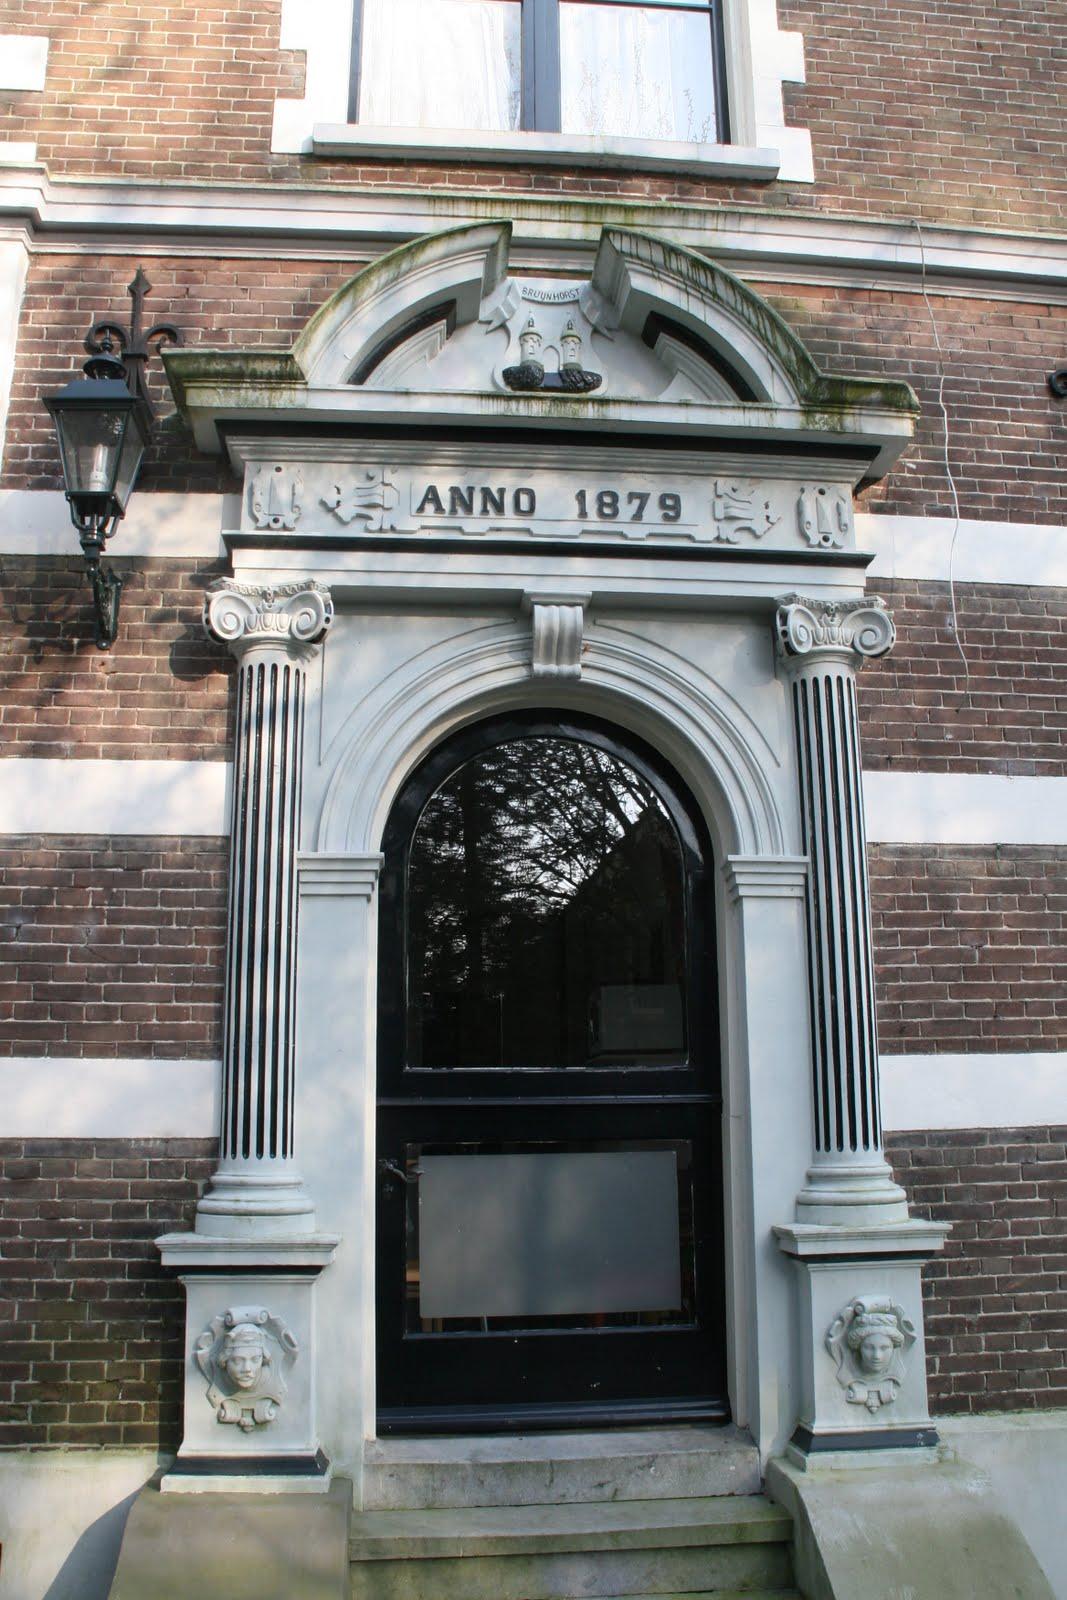 De hardstenen entreepartij met jaartal 1879.